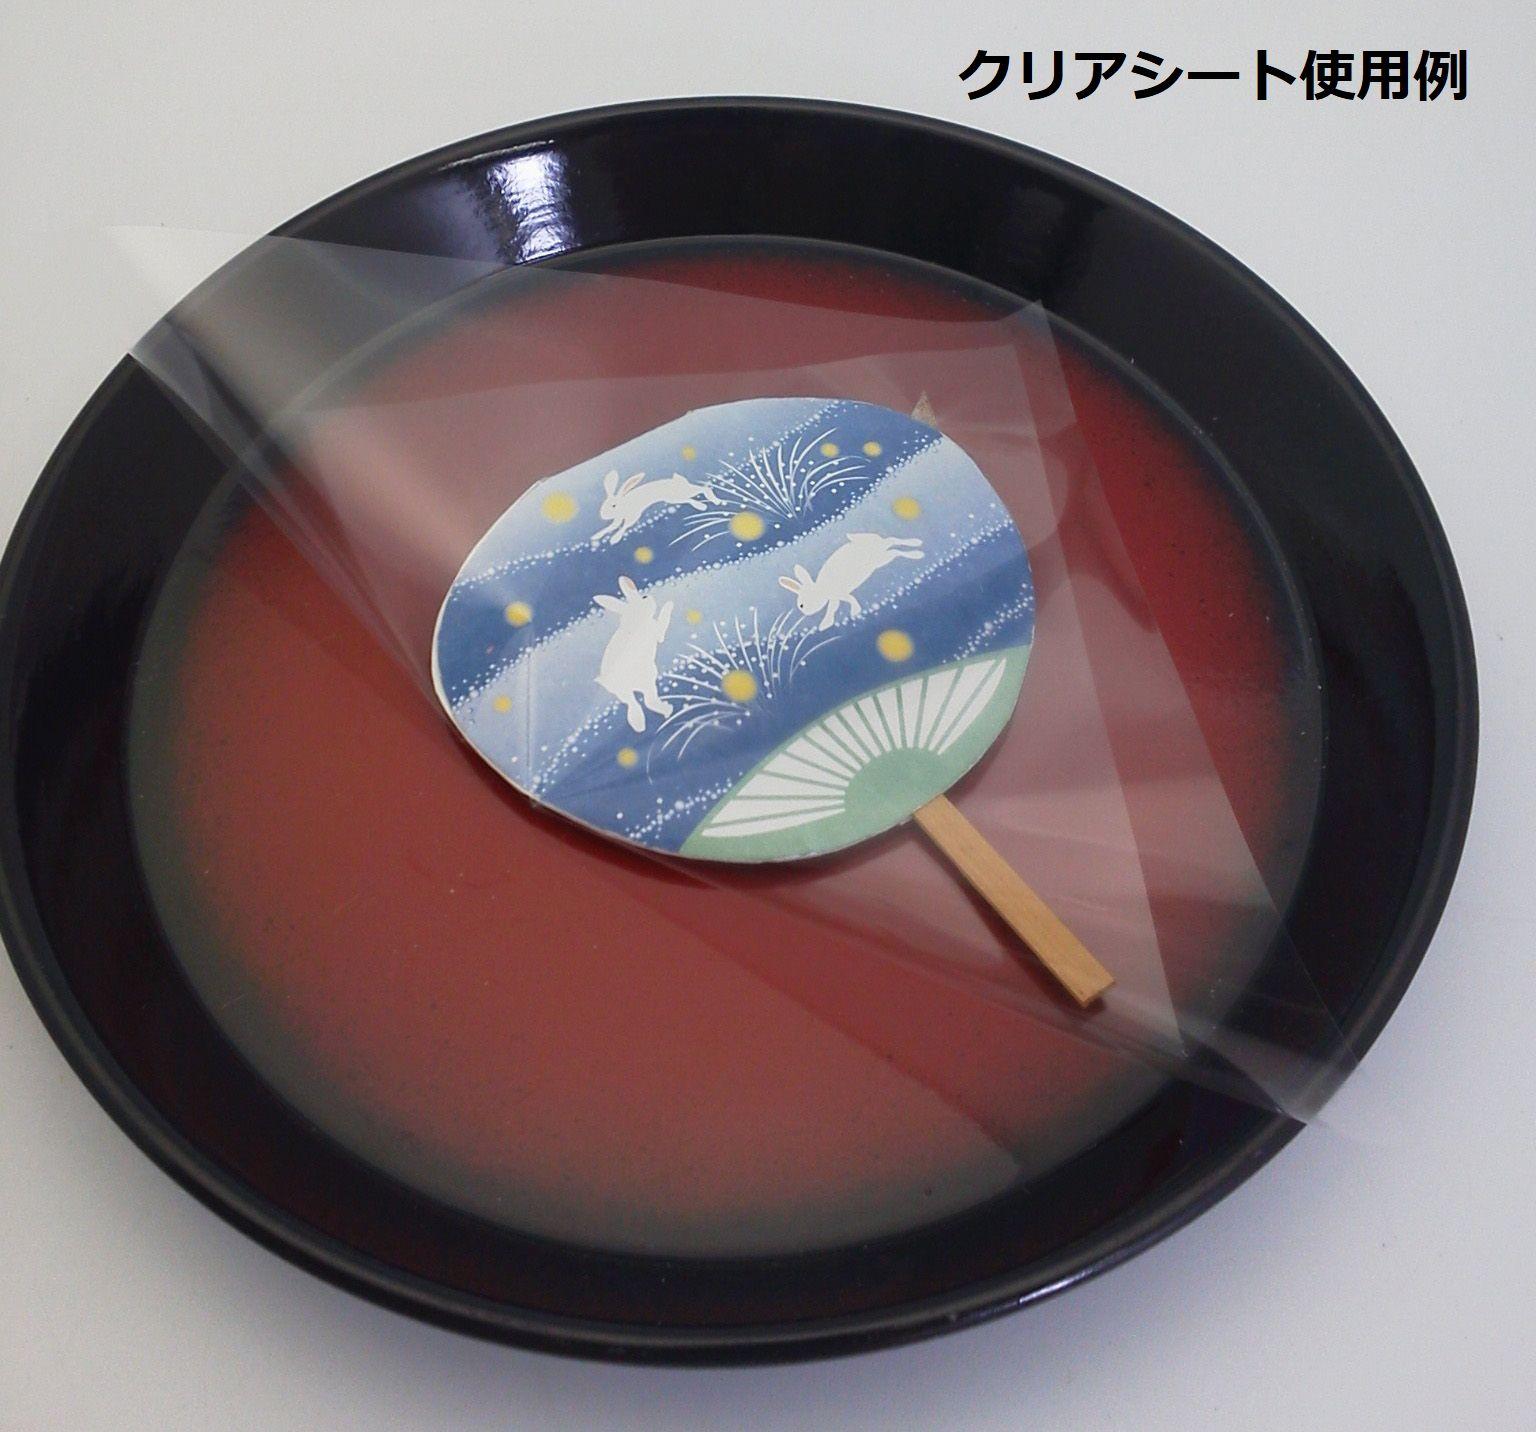 清涼ミニうちわ (金魚) 50枚入